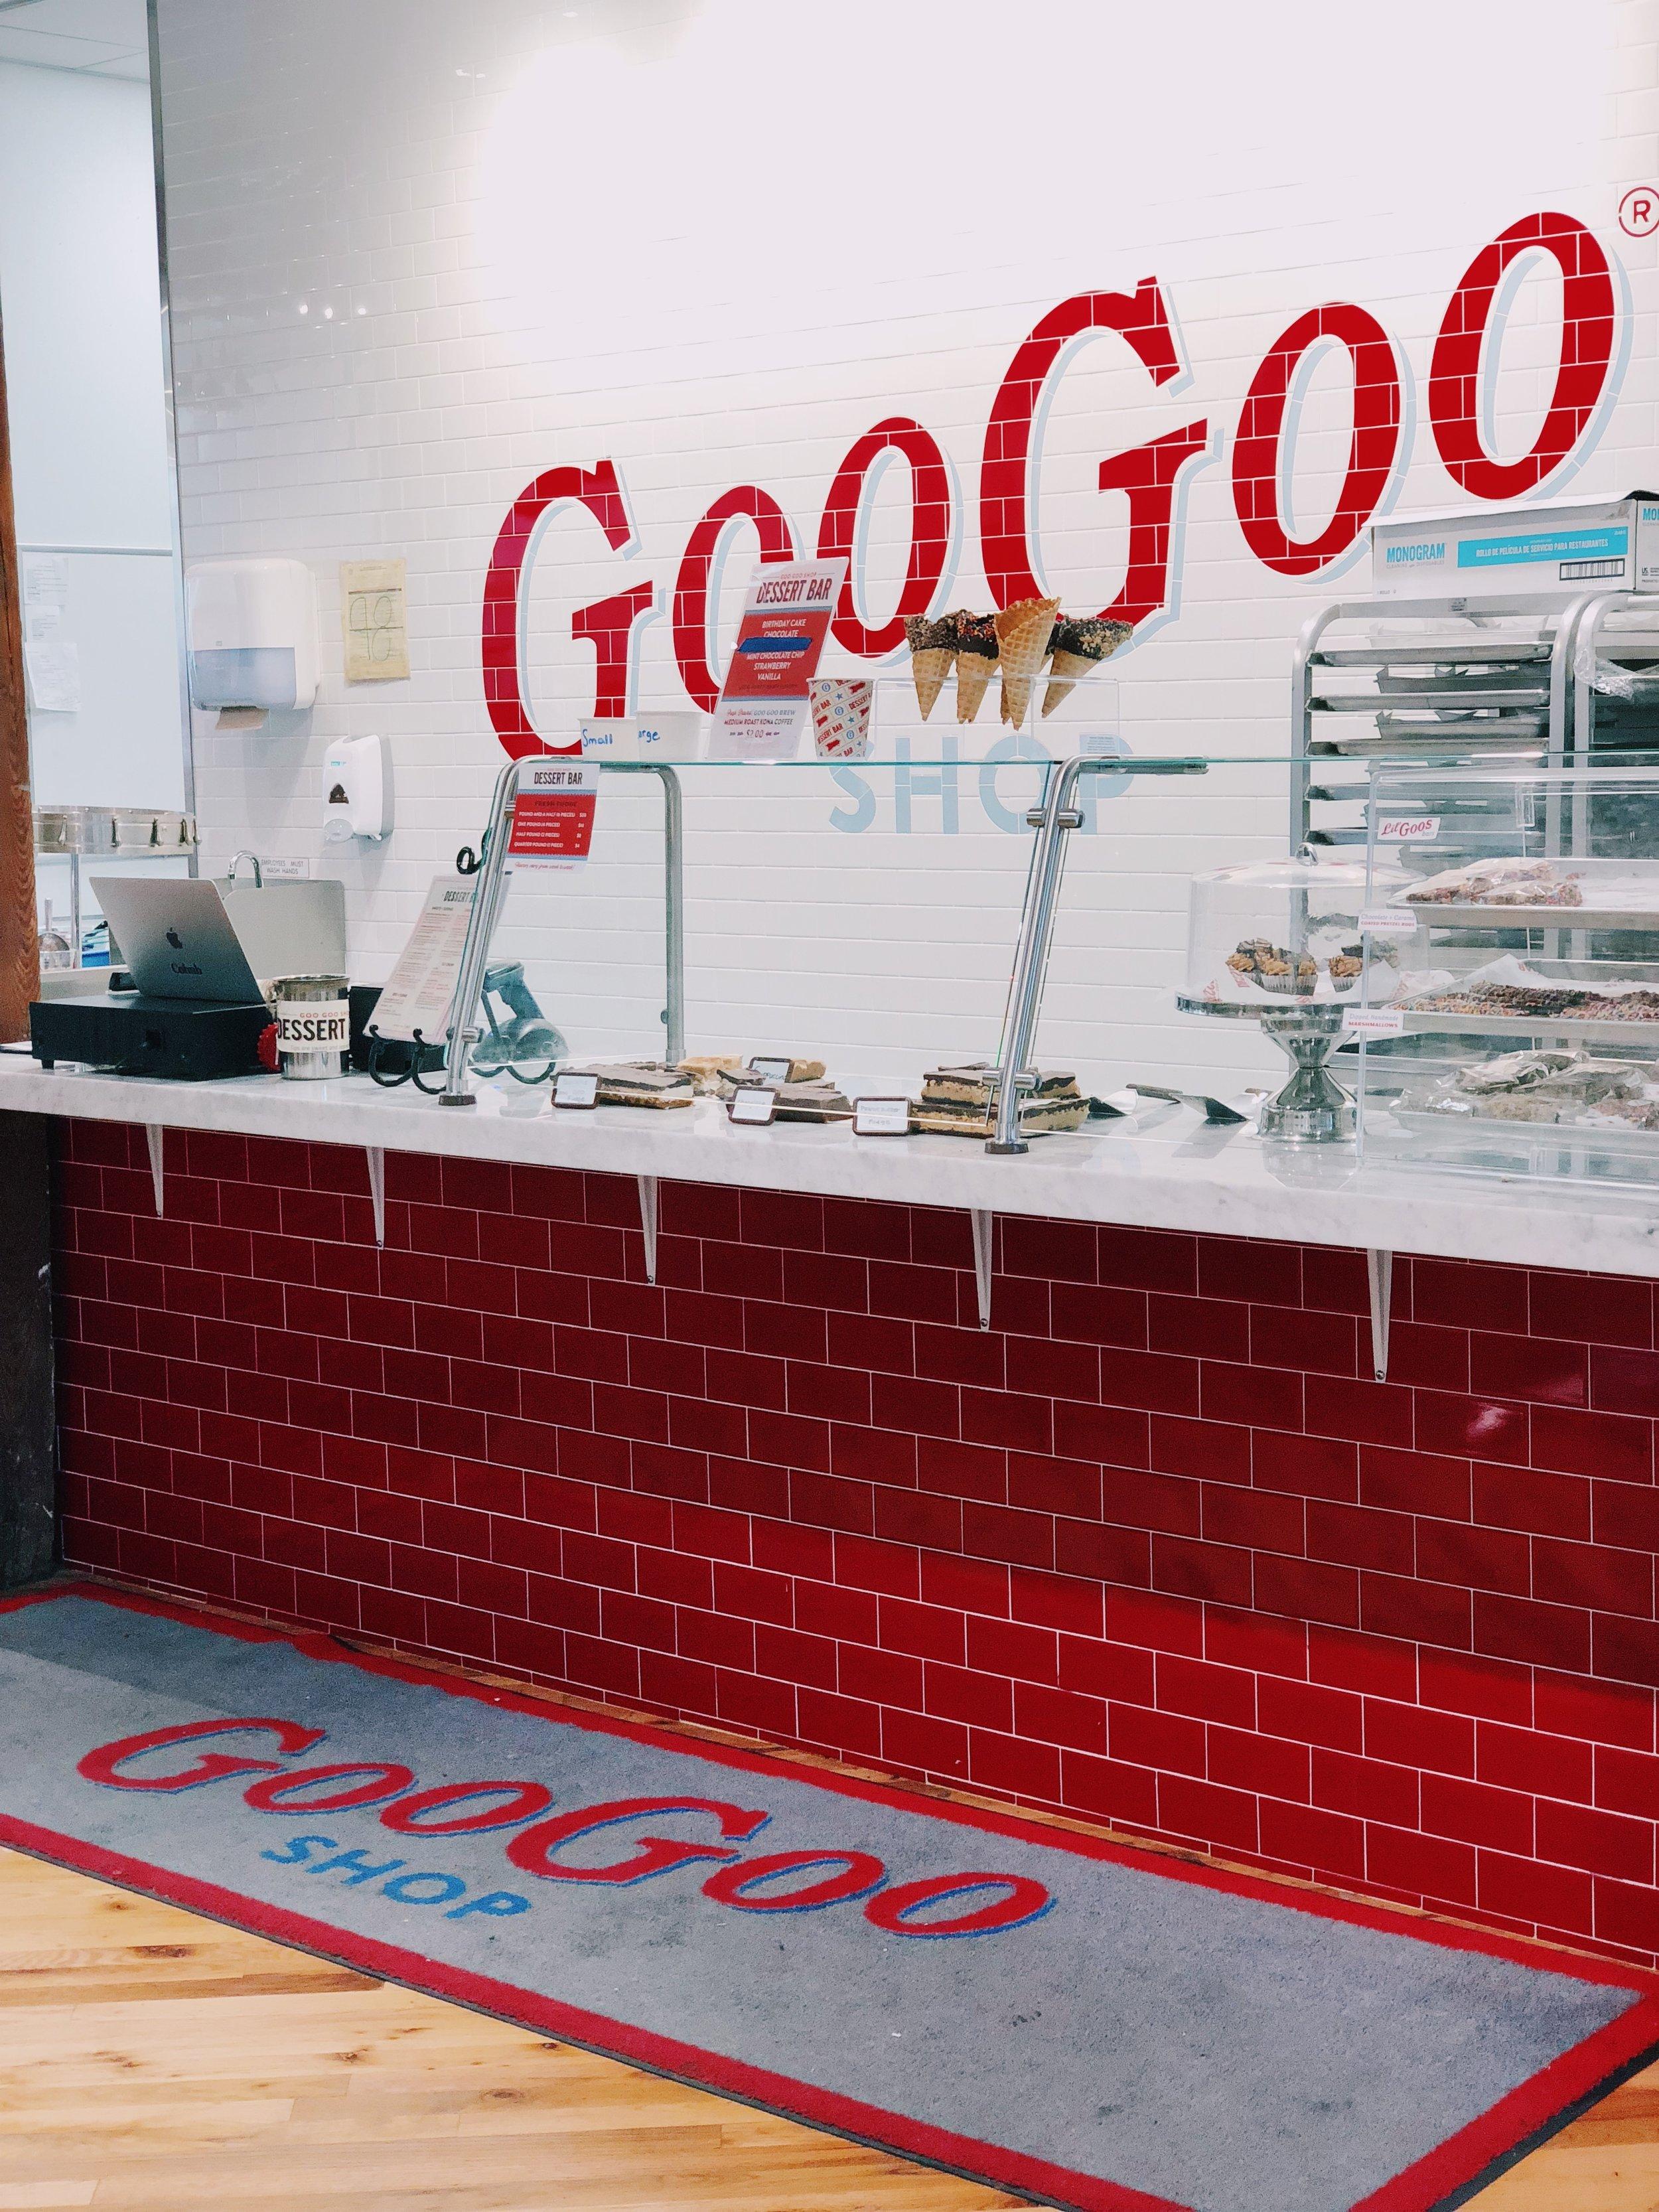 Goo Goo Cluster - Nashville, TN